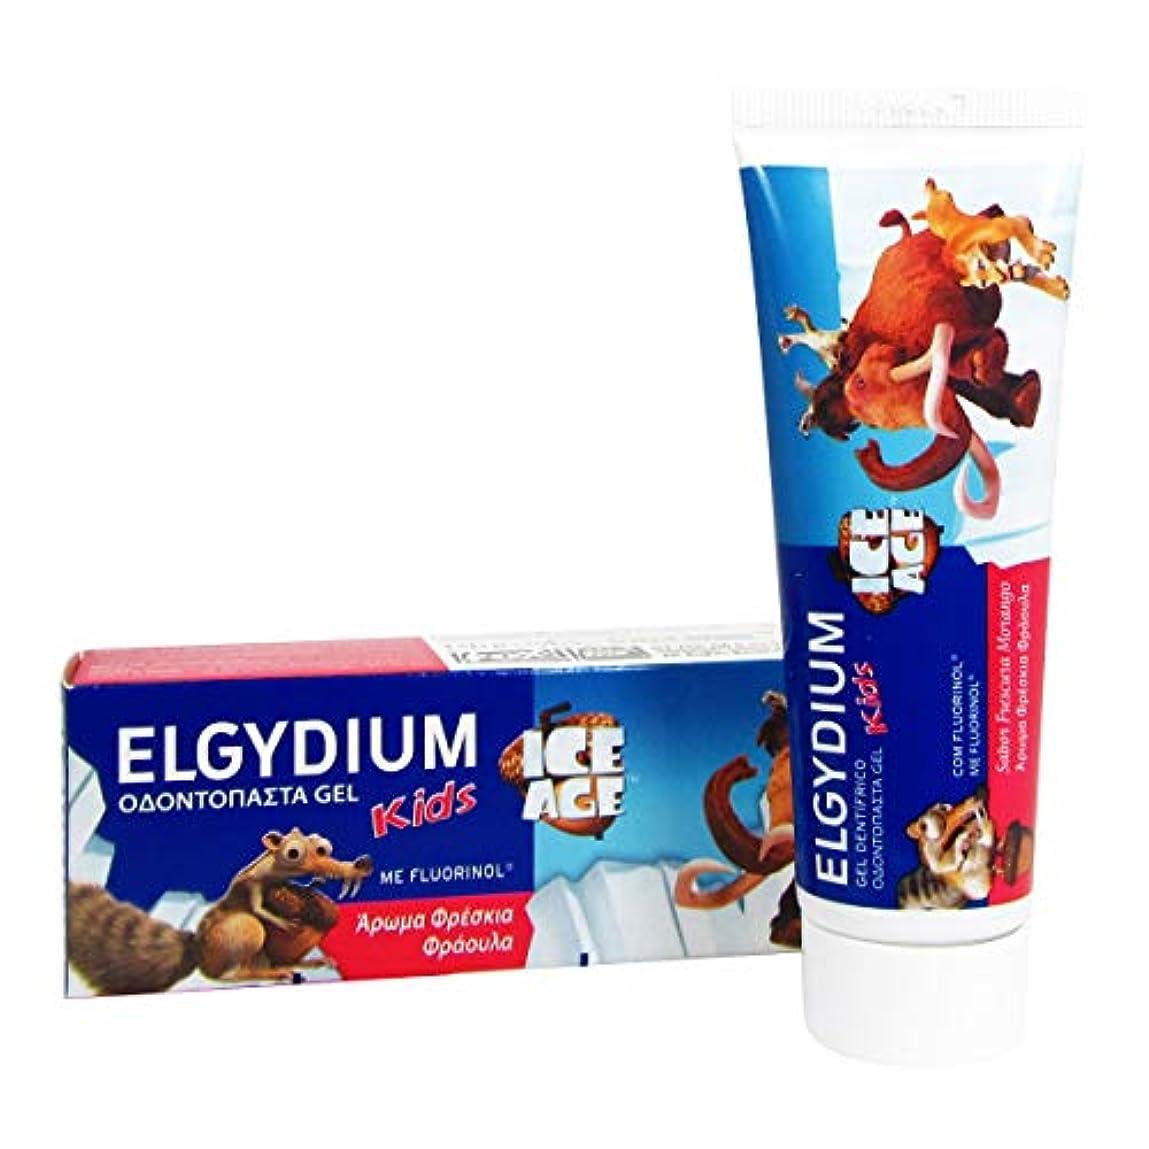 乳製品時々軽蔑するElgydium Kids Ice Age Toothpaste Toothpaste Gel 50ml [並行輸入品]